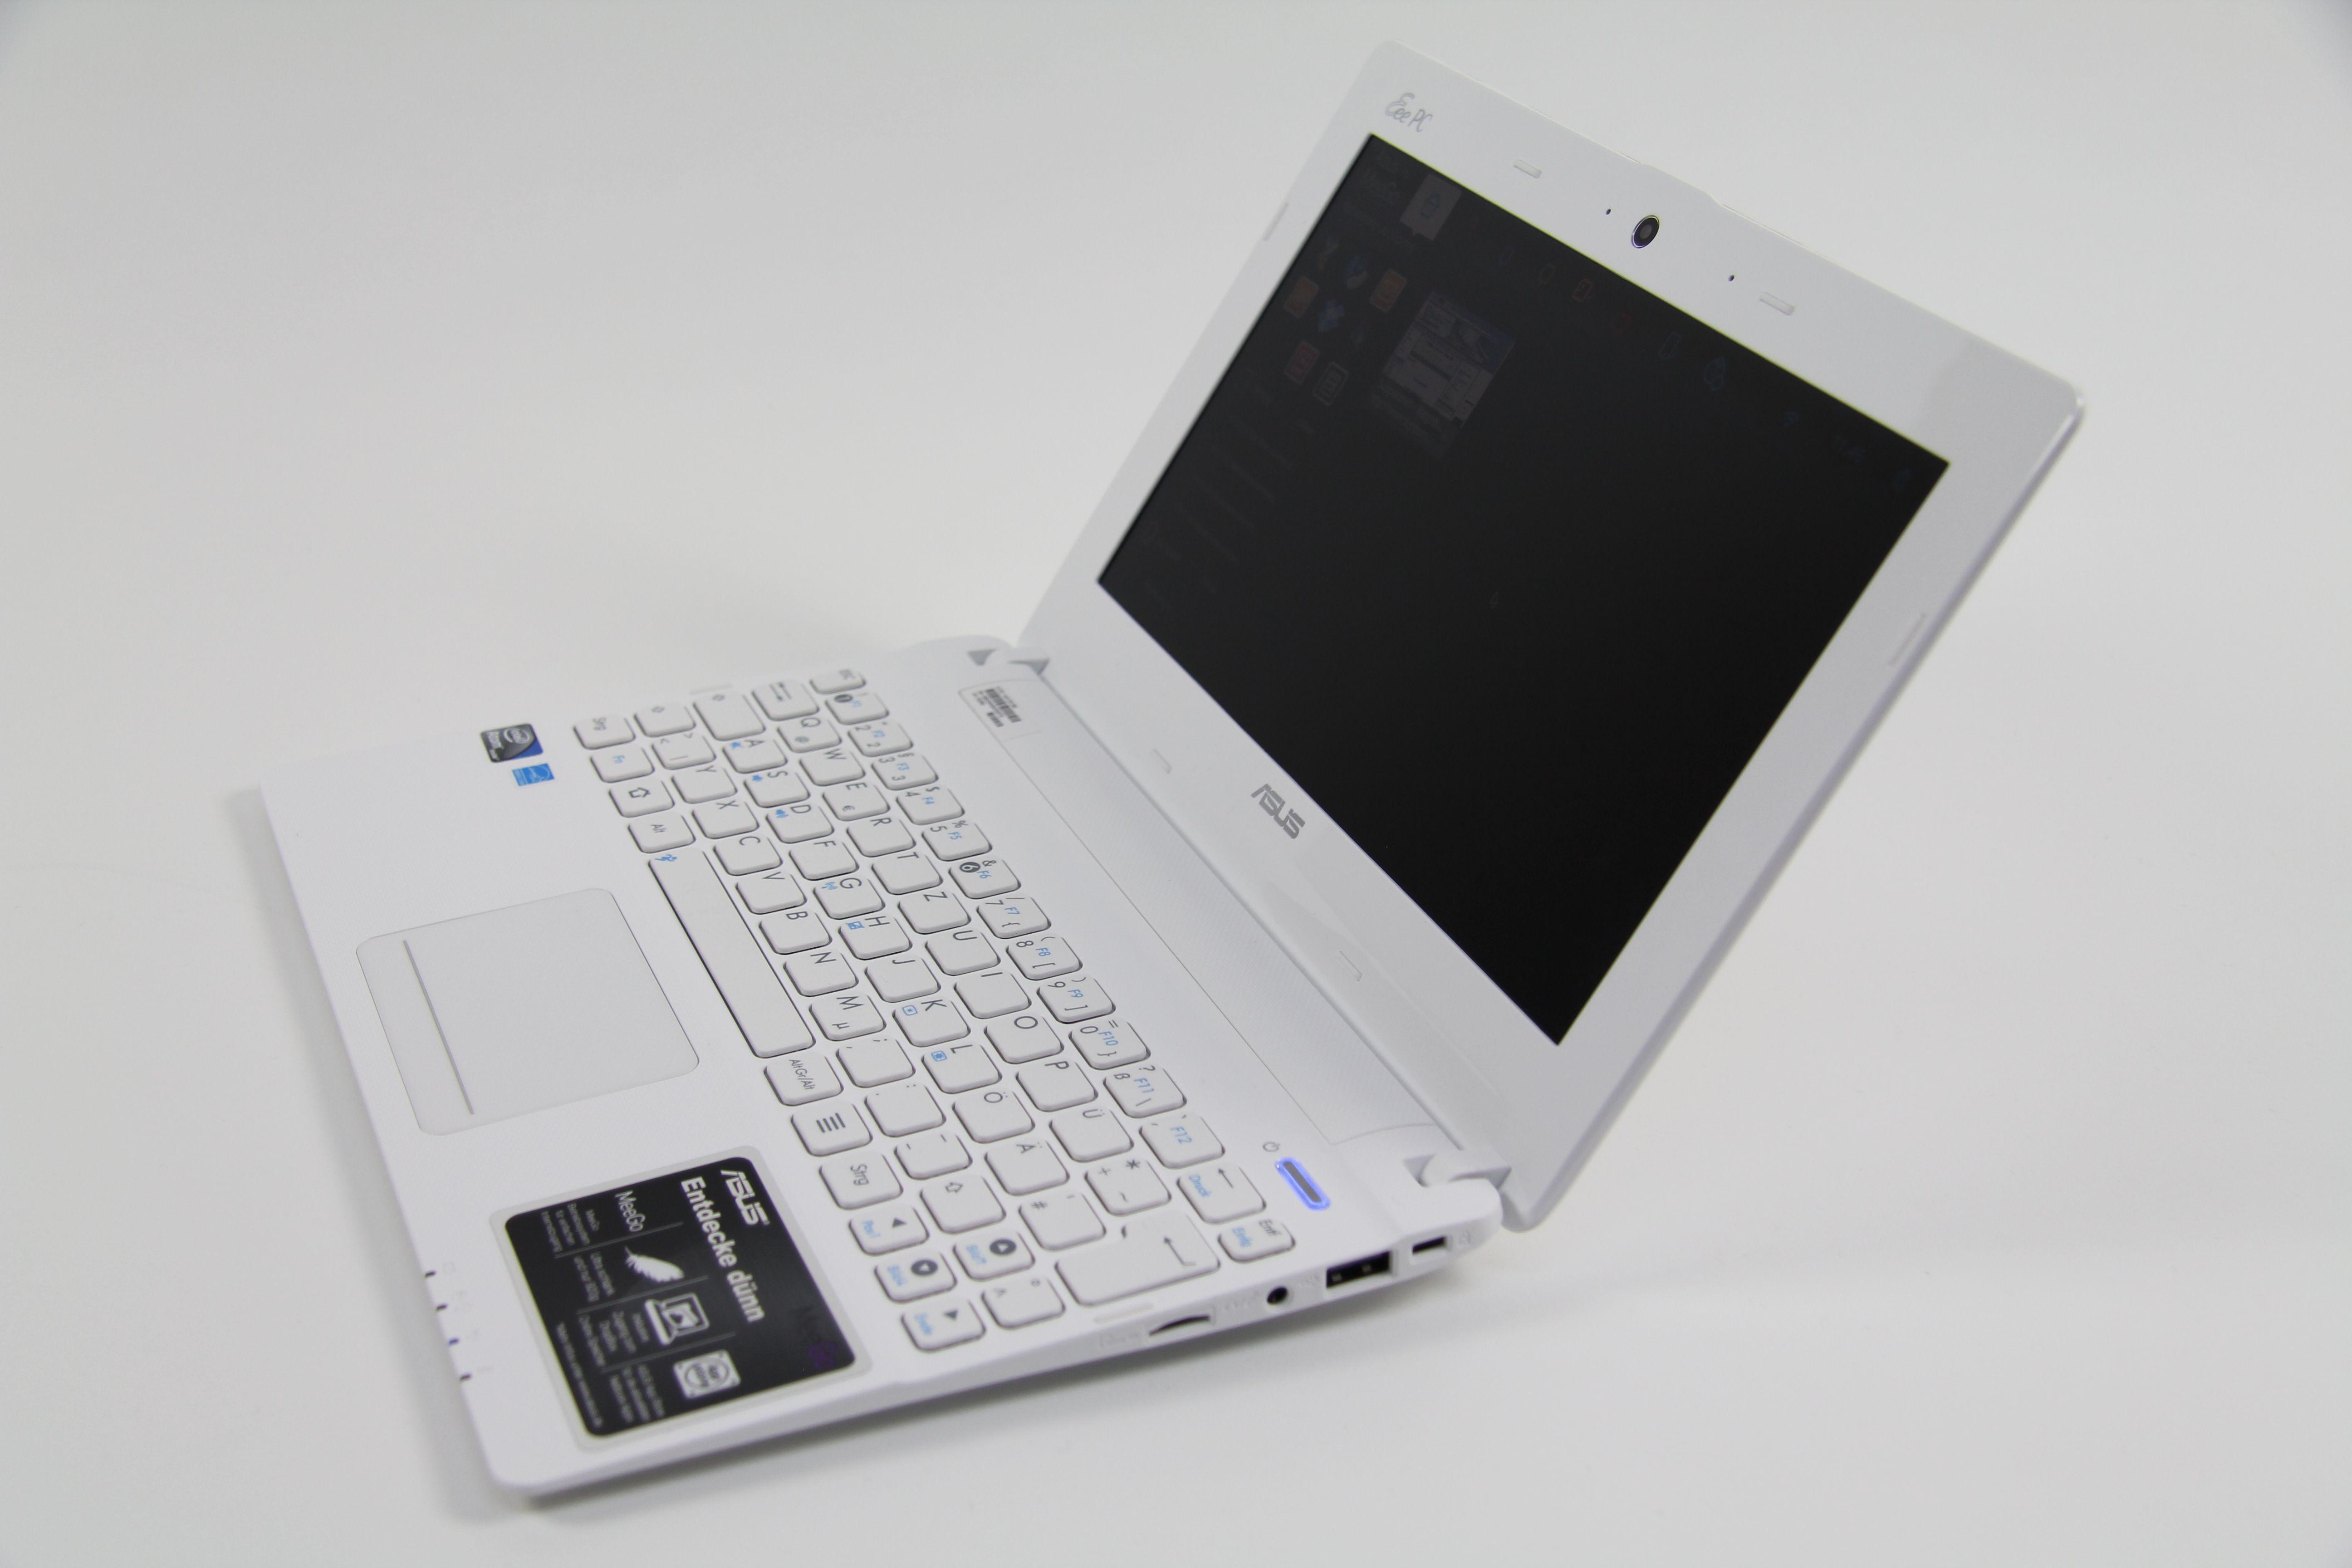 03-Im-Supportnet-Test-Das-Netbook_-Eee-PC-X101-von-Asus-mit-Video-Supportnet-470.JPG?nocache=1324469873508